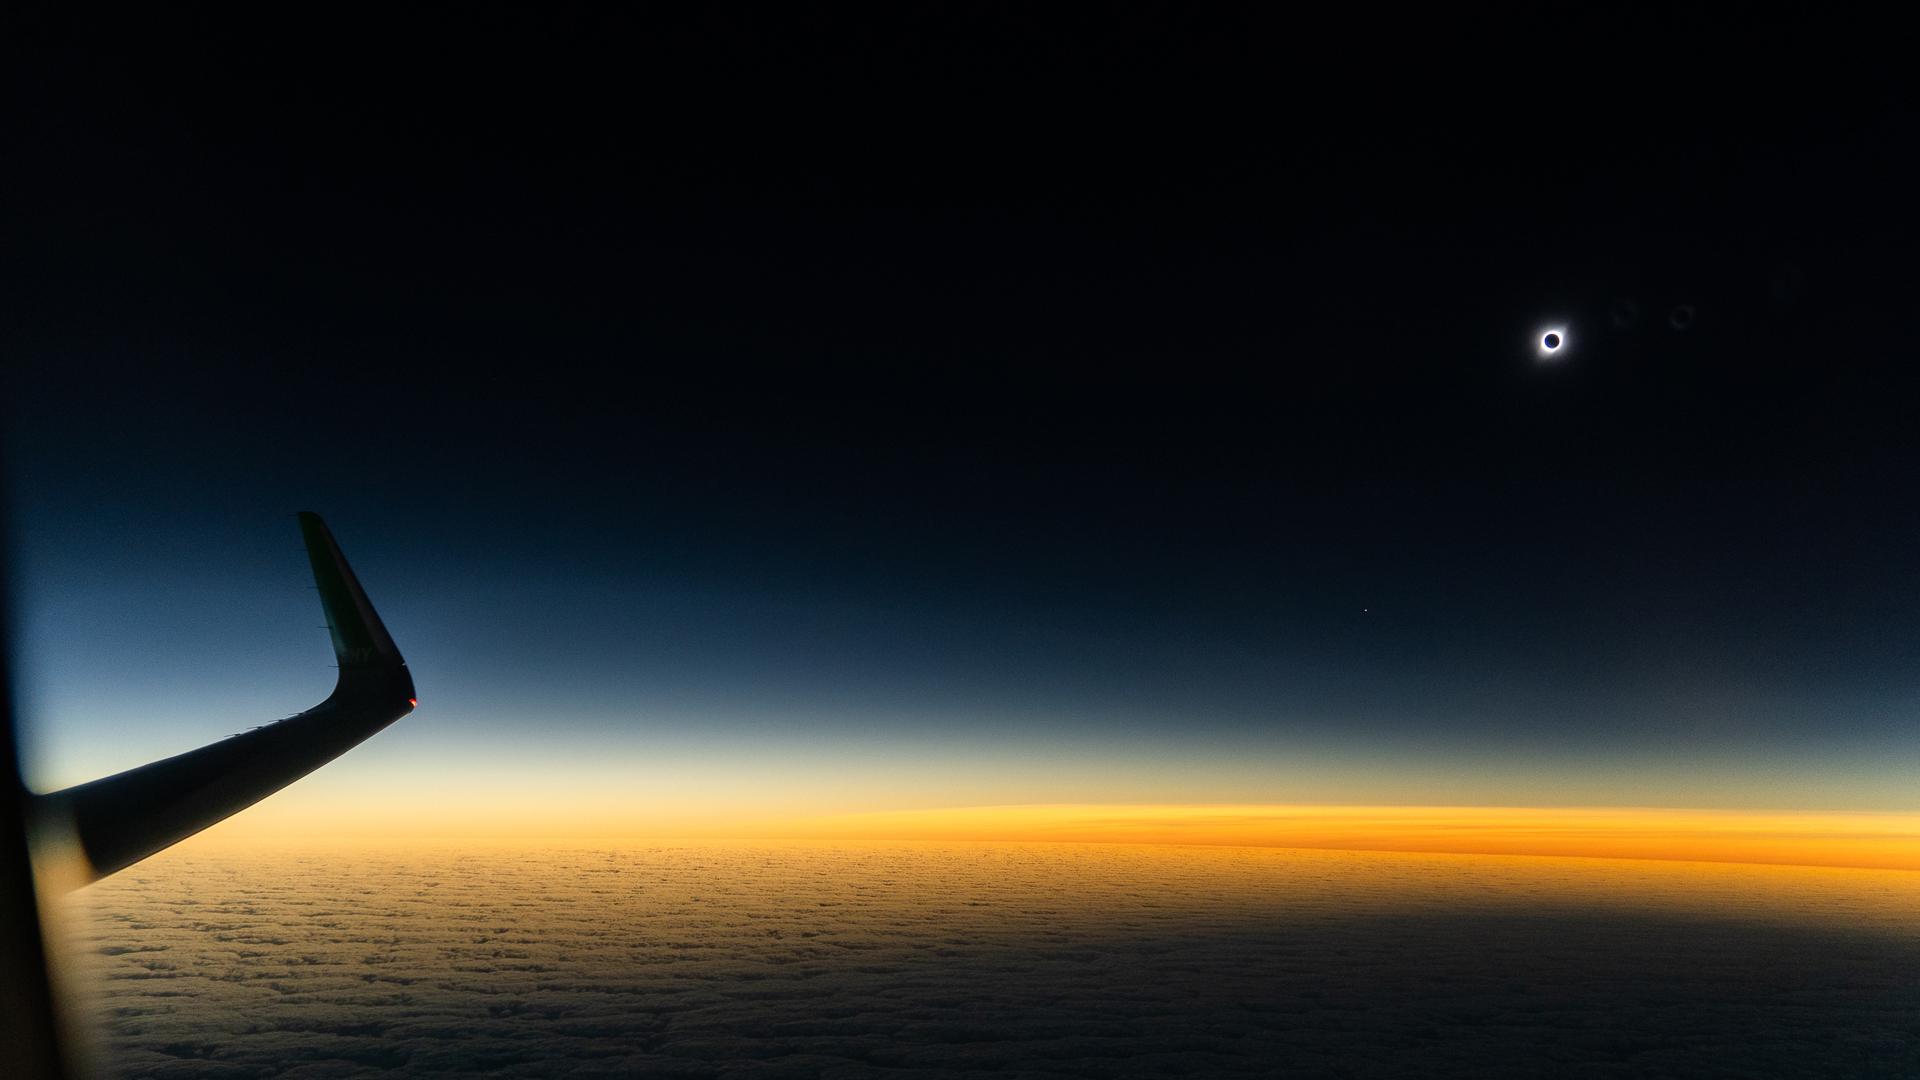 """Para el piloto militar y a sus 57 años aspirante a astronauta, Klaus Von Storch, fue su primer eclipse solar. Lo vio, según su perspectiva, desde la mejor posición del mundo. Argumentó las razones: """"Generalmente la atmósfera es menos densa y más limpia, por lo tanto no hay partículas contaminantes. El campo visual también más grande, se percibe la amplitud del horizonte porque al alejarte de la Tierra vas viendo cómo se va acercando rápidamente lo que es la sombra que produce el eclipse. Y los colores van a ser impresionantes. A veces en mis vuelos yo les mando fotos a mi familia porque quedo encantado con lo que veo, porque no puedo creer la belleza de los atardeceres y amaneceres que se ven desde el cielo"""" (Luis Urzúa, explorador National Geographic)"""